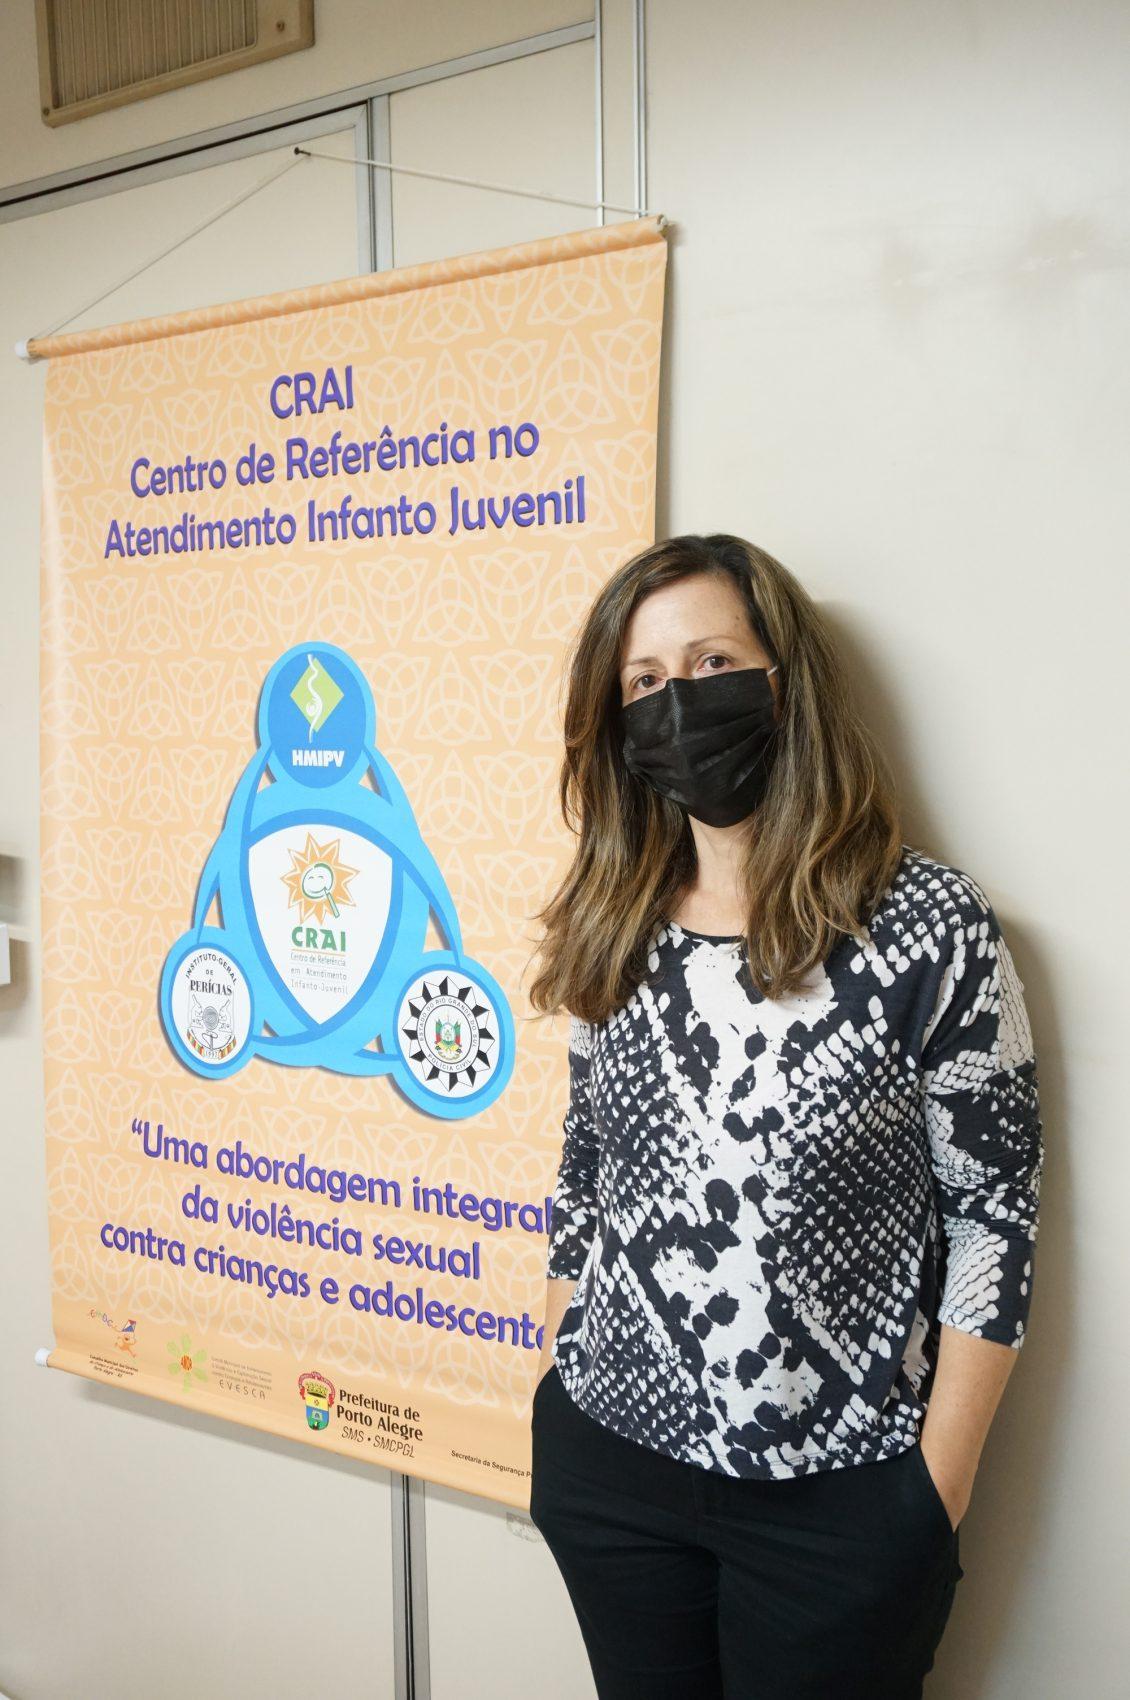 Maria de Fátima Fernandes Gea, coordenadora do Centro de Referência no Atendimento Infanto-juvenil (CRAI), órgão da Prefeitura de Porto Alegre